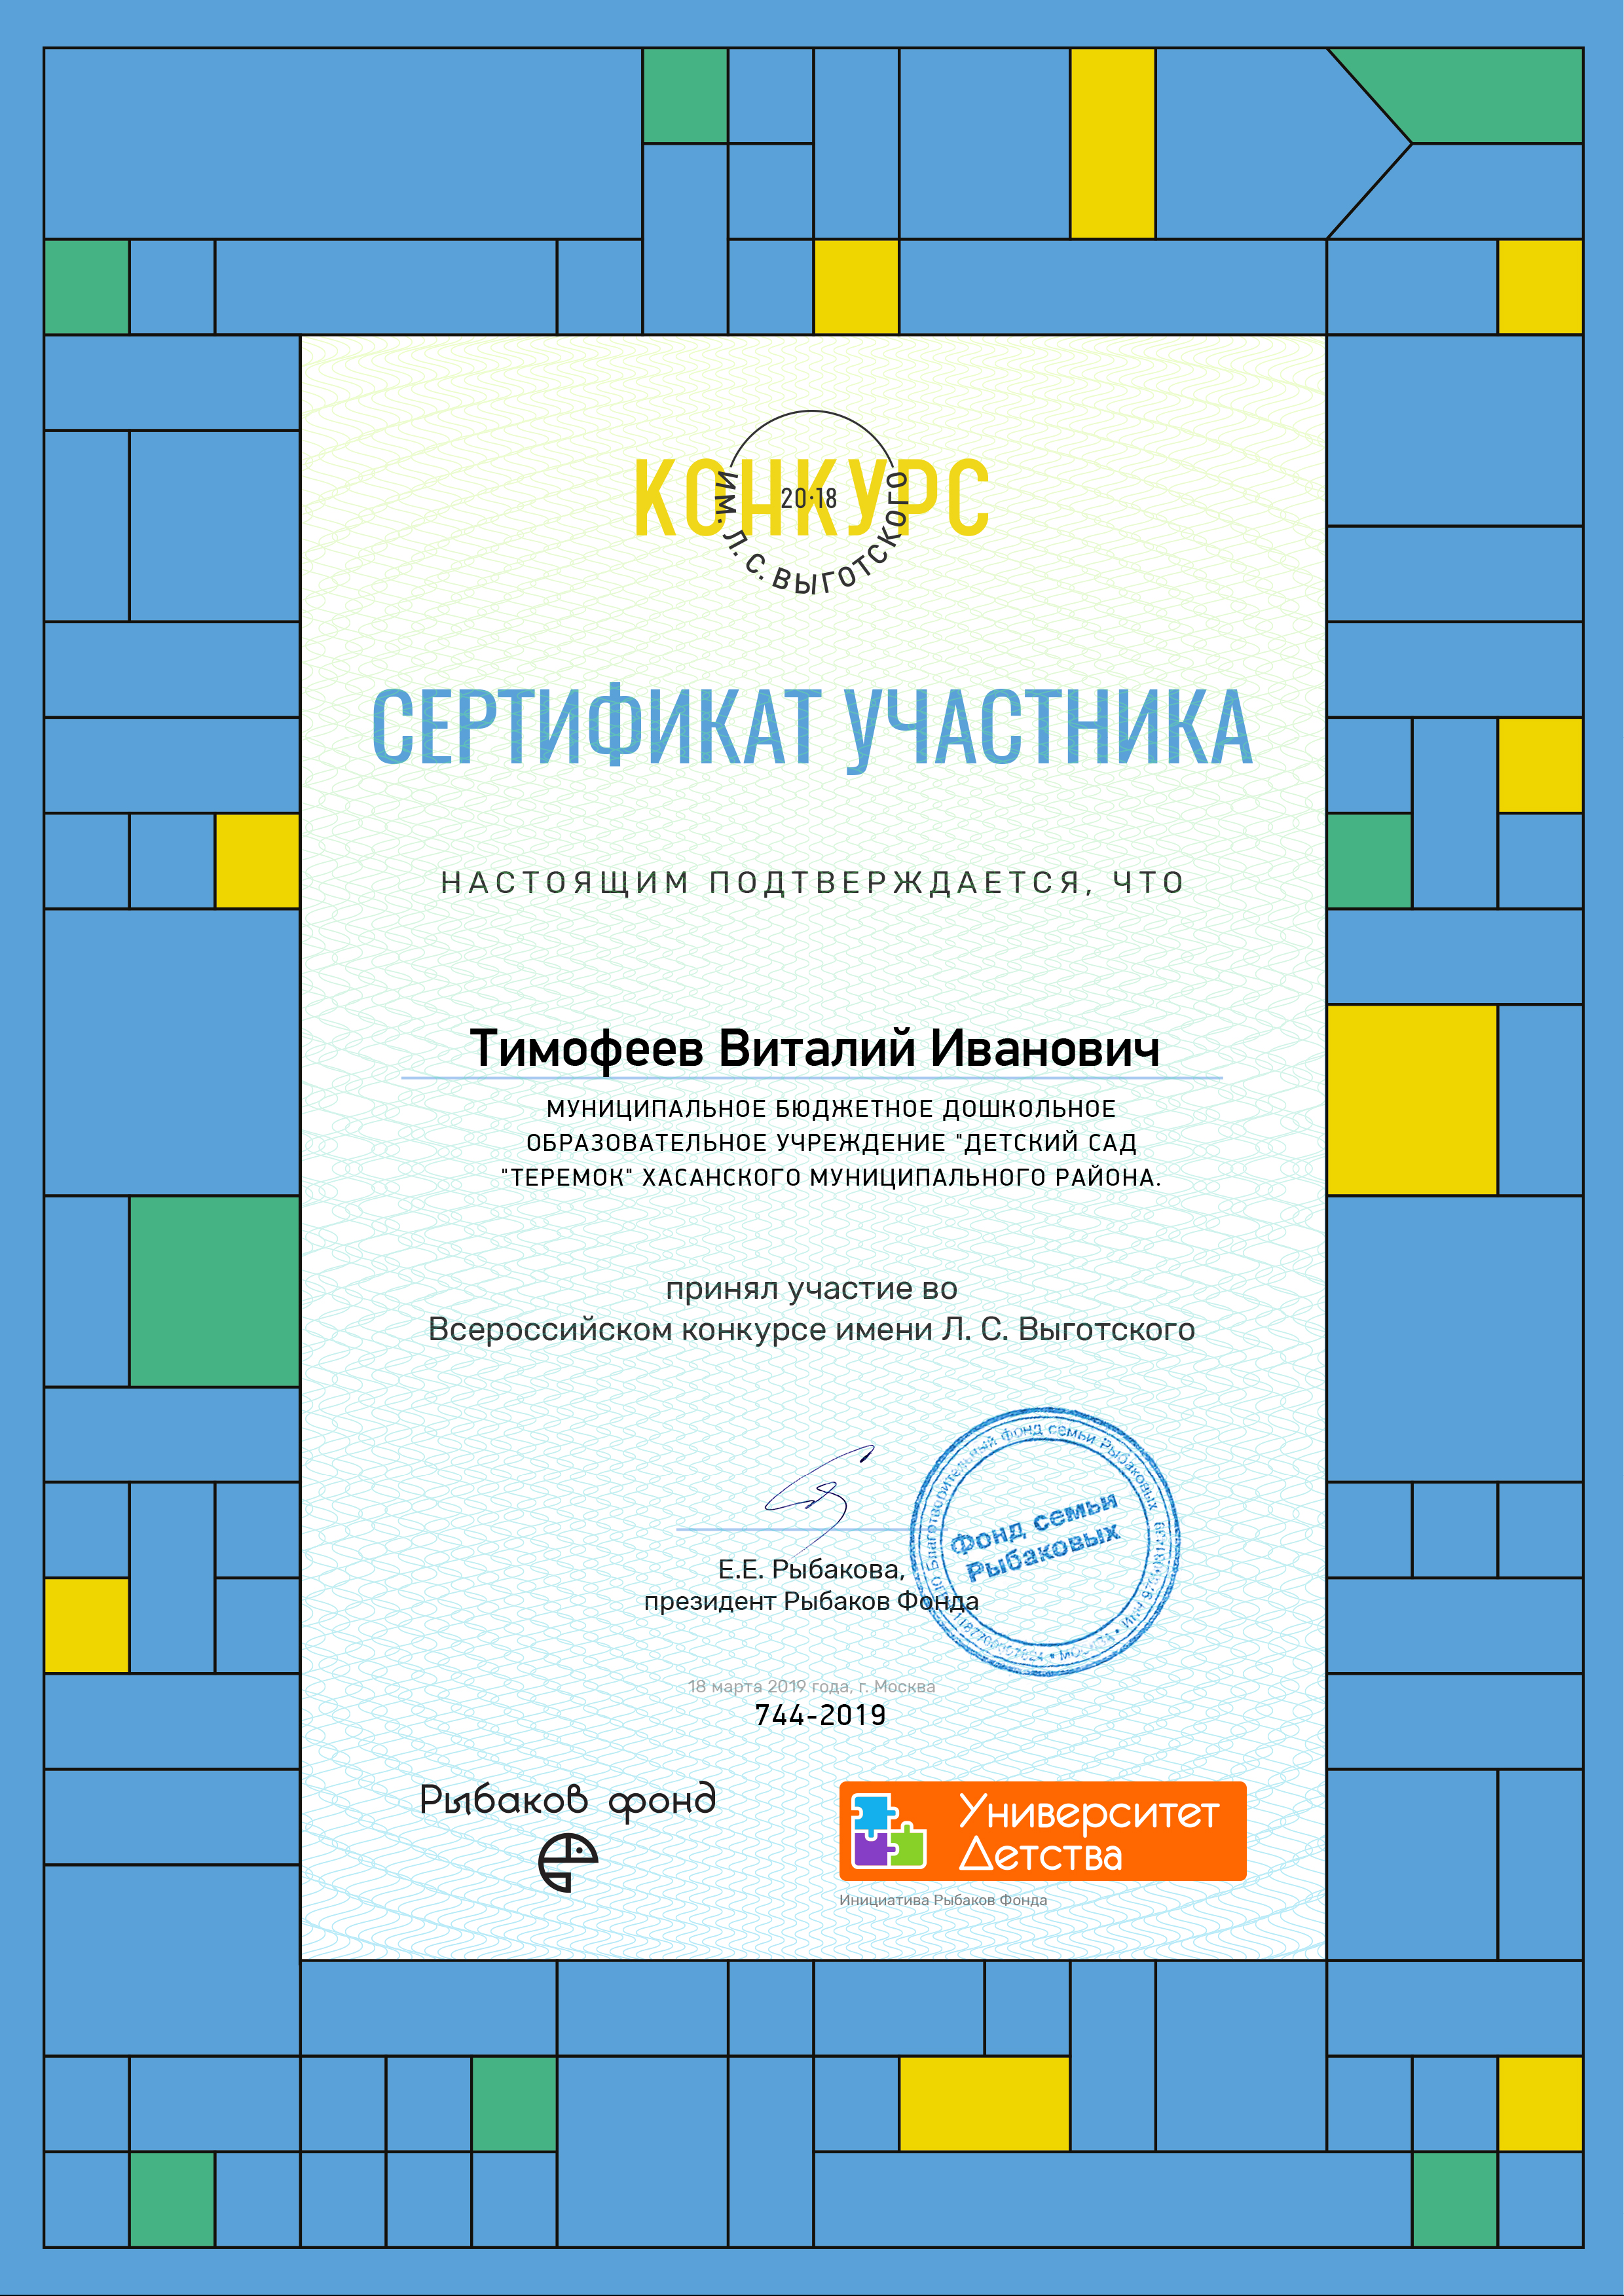 Сертификат участника всероссийского конкурса им. Л. С. Выготского